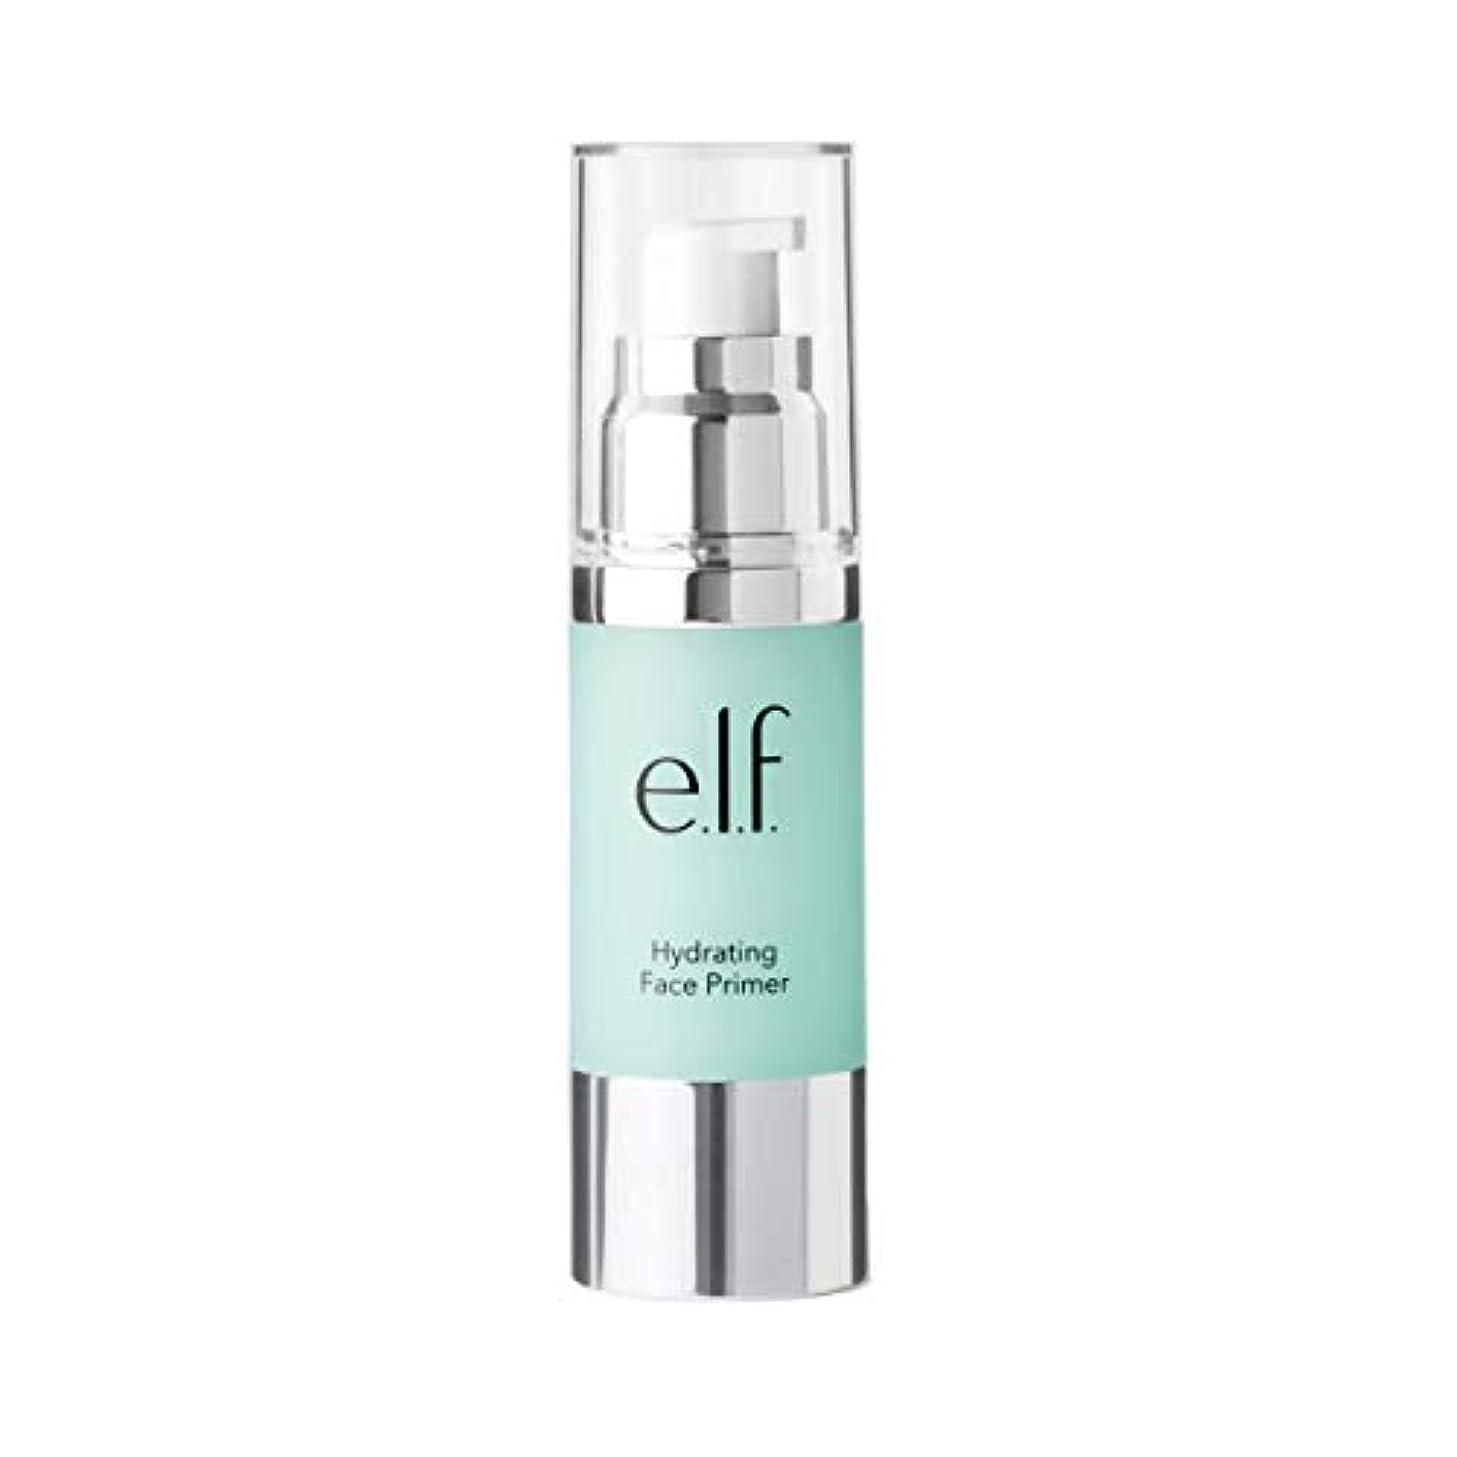 害カエル原理e.l.f. Hydrating Face Primer - Clear (並行輸入品)